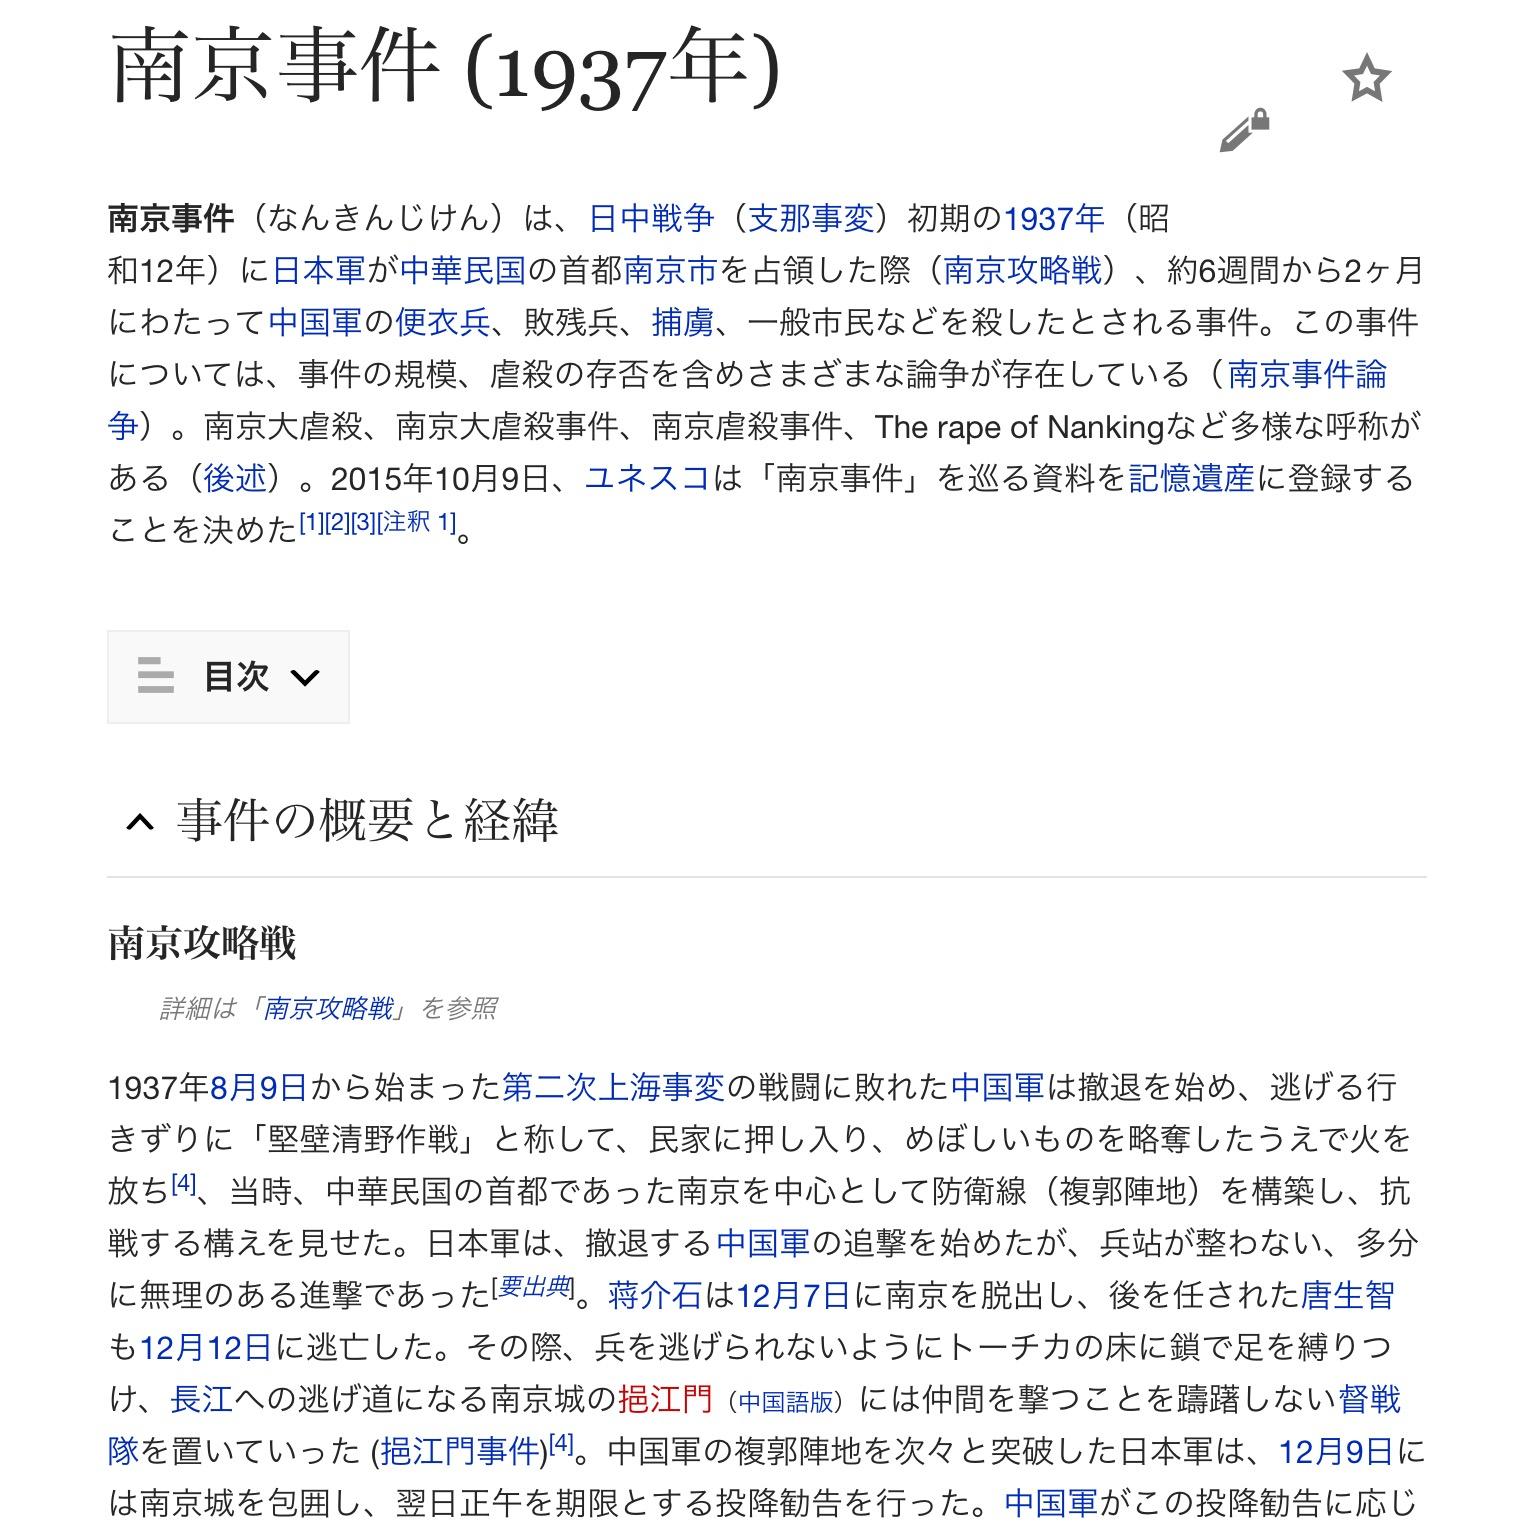 南京大虐殺が世界記憶遺産!?